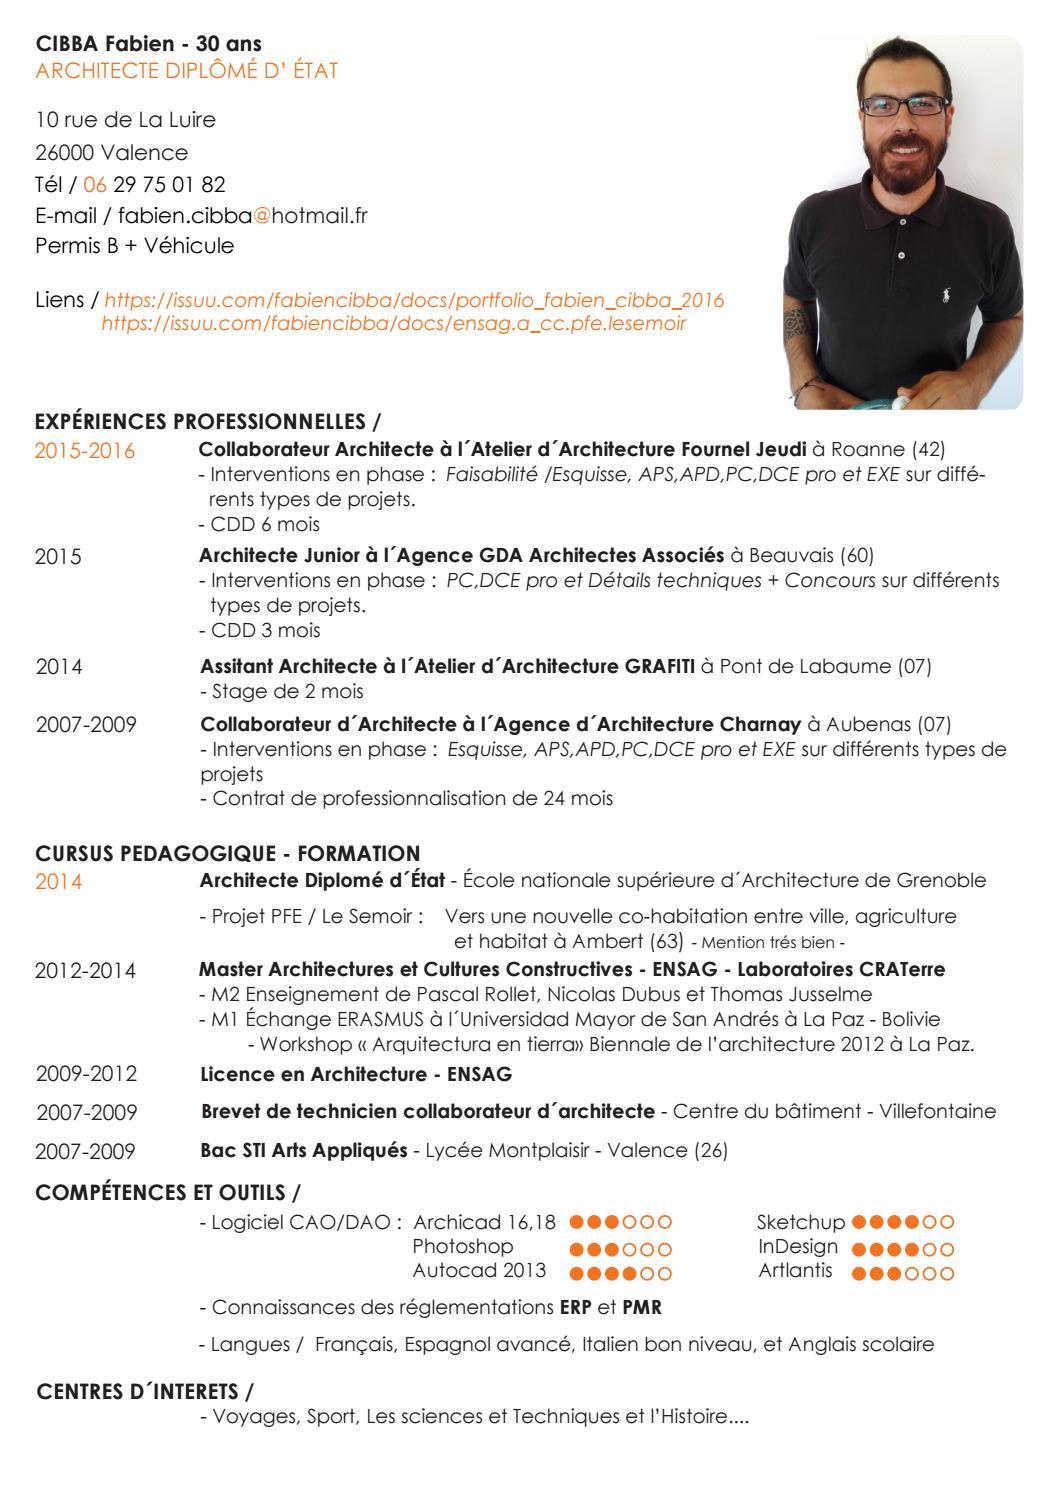 Cv fabien cibba by fabien issuu for Collaborateur d architecte onisep